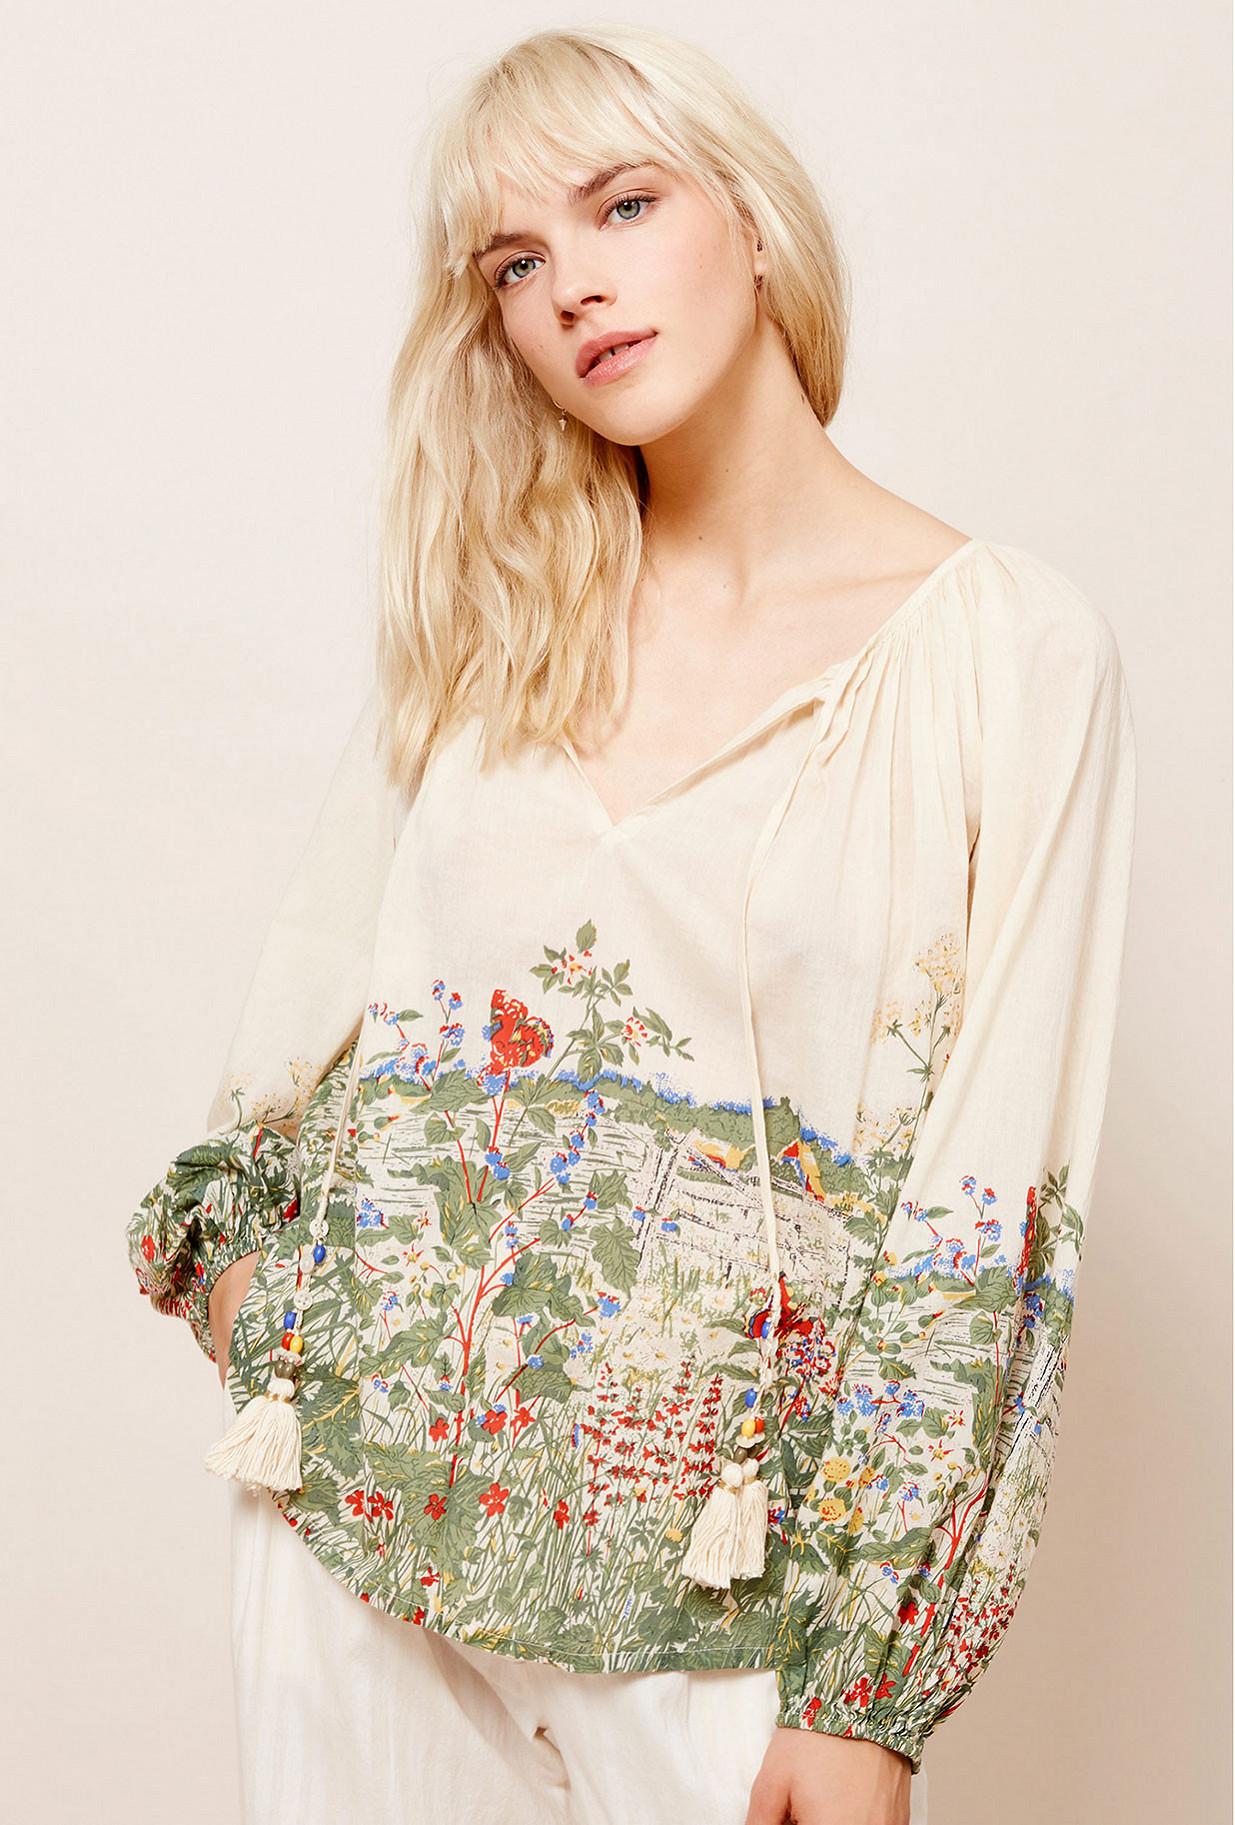 Paris boutique de mode vêtement Blouse créateur bohème  Gwenael